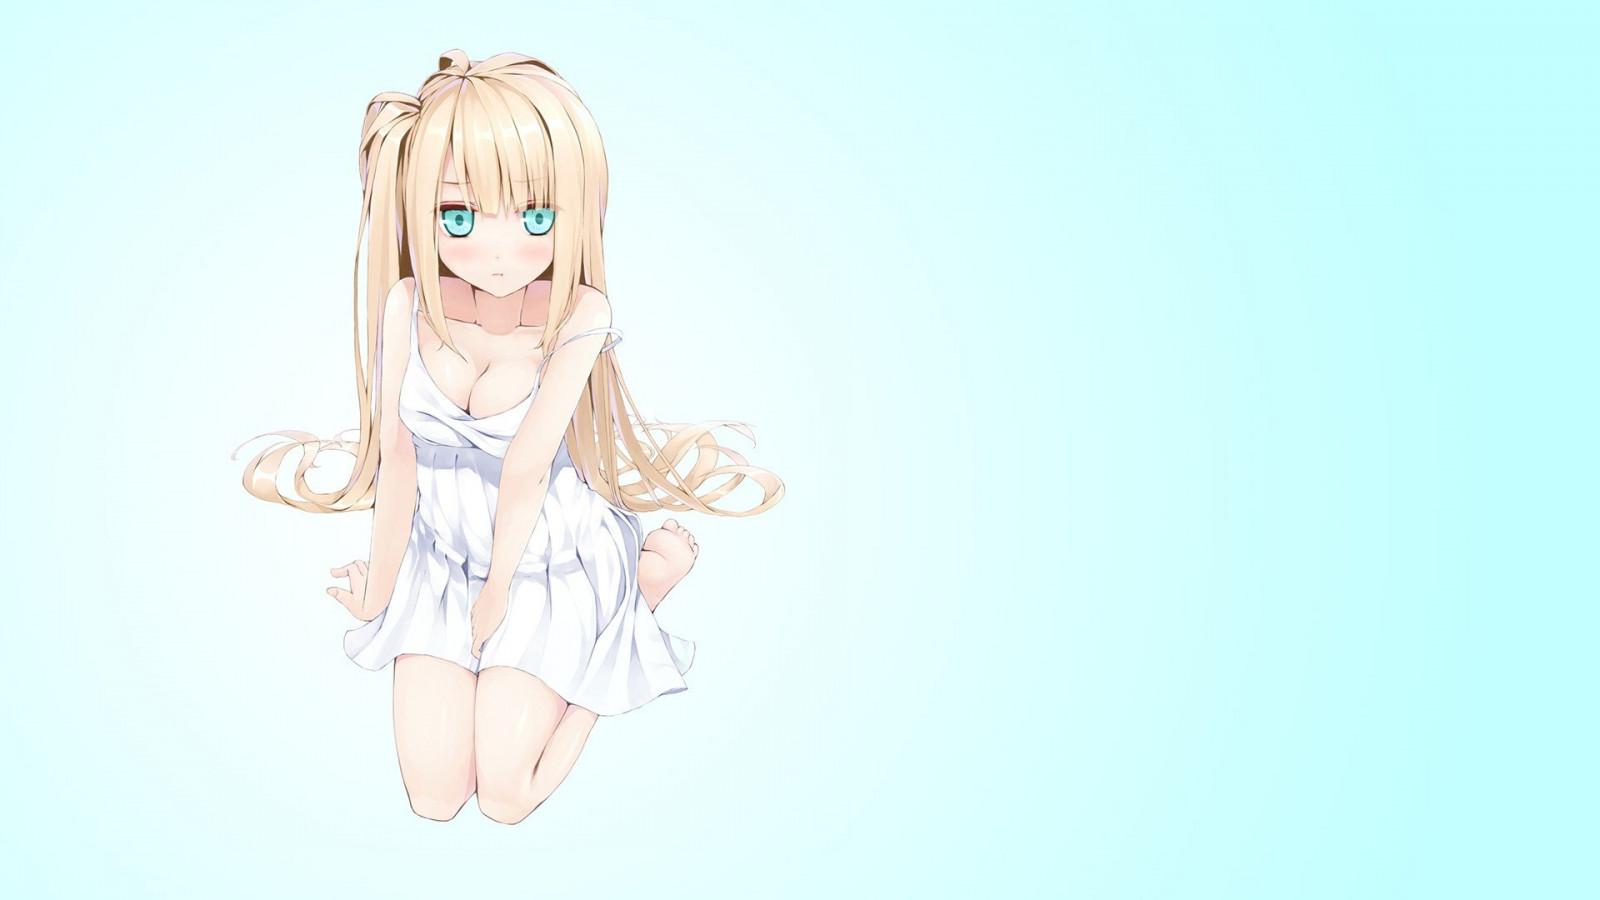 Anime mädchen blaue augen mit blonden pferdeschwänzen aus sim